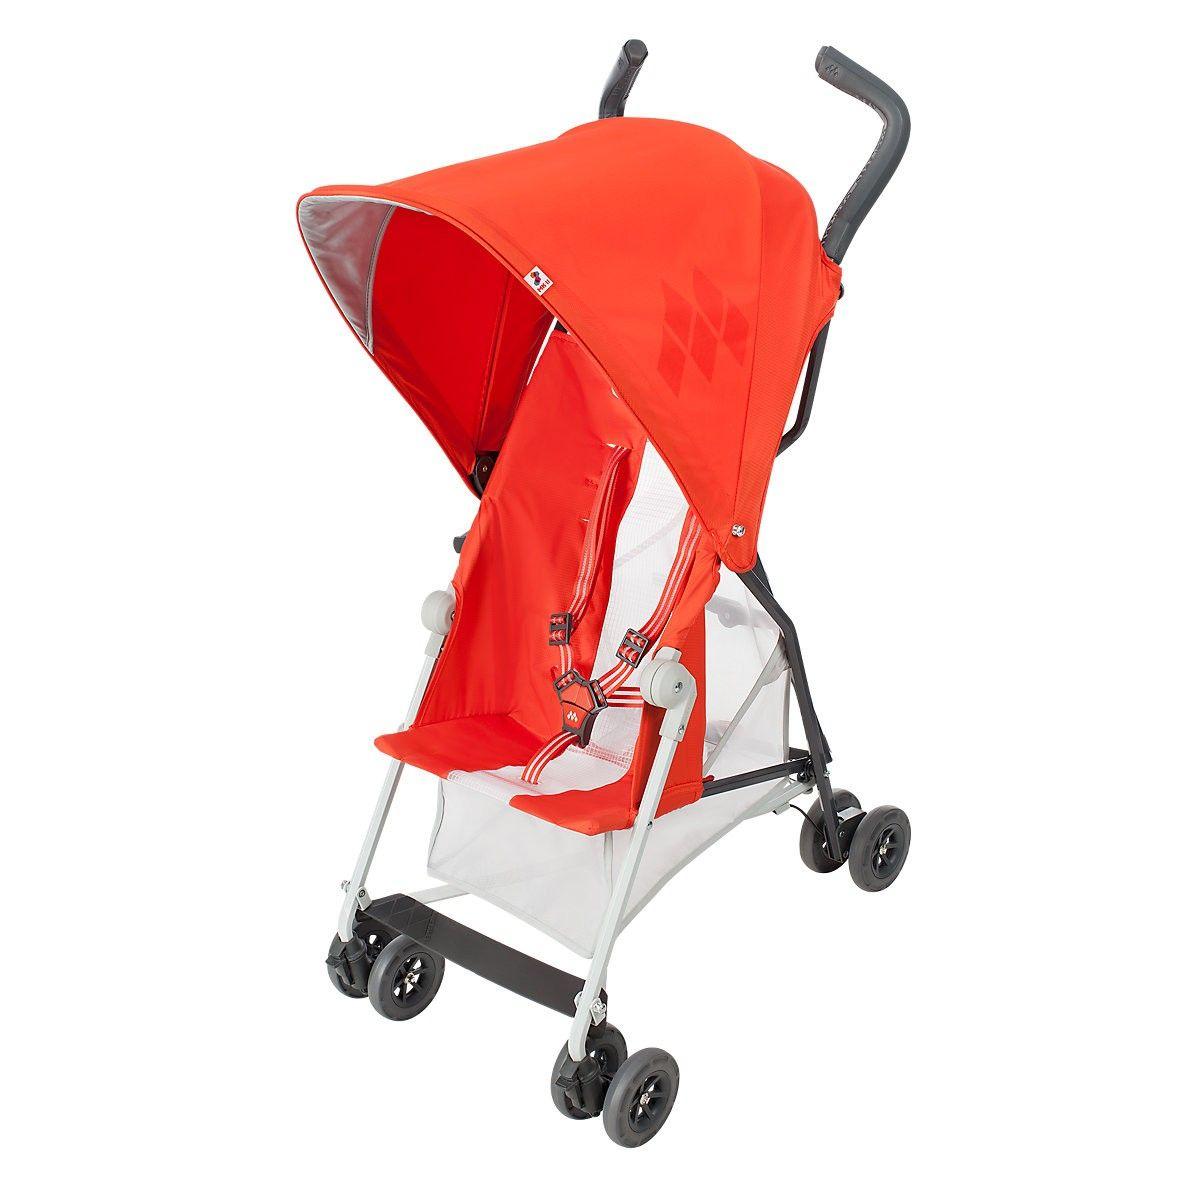 Carucior Mark II Spicy Orange Maclaren WSE10012 ErFi